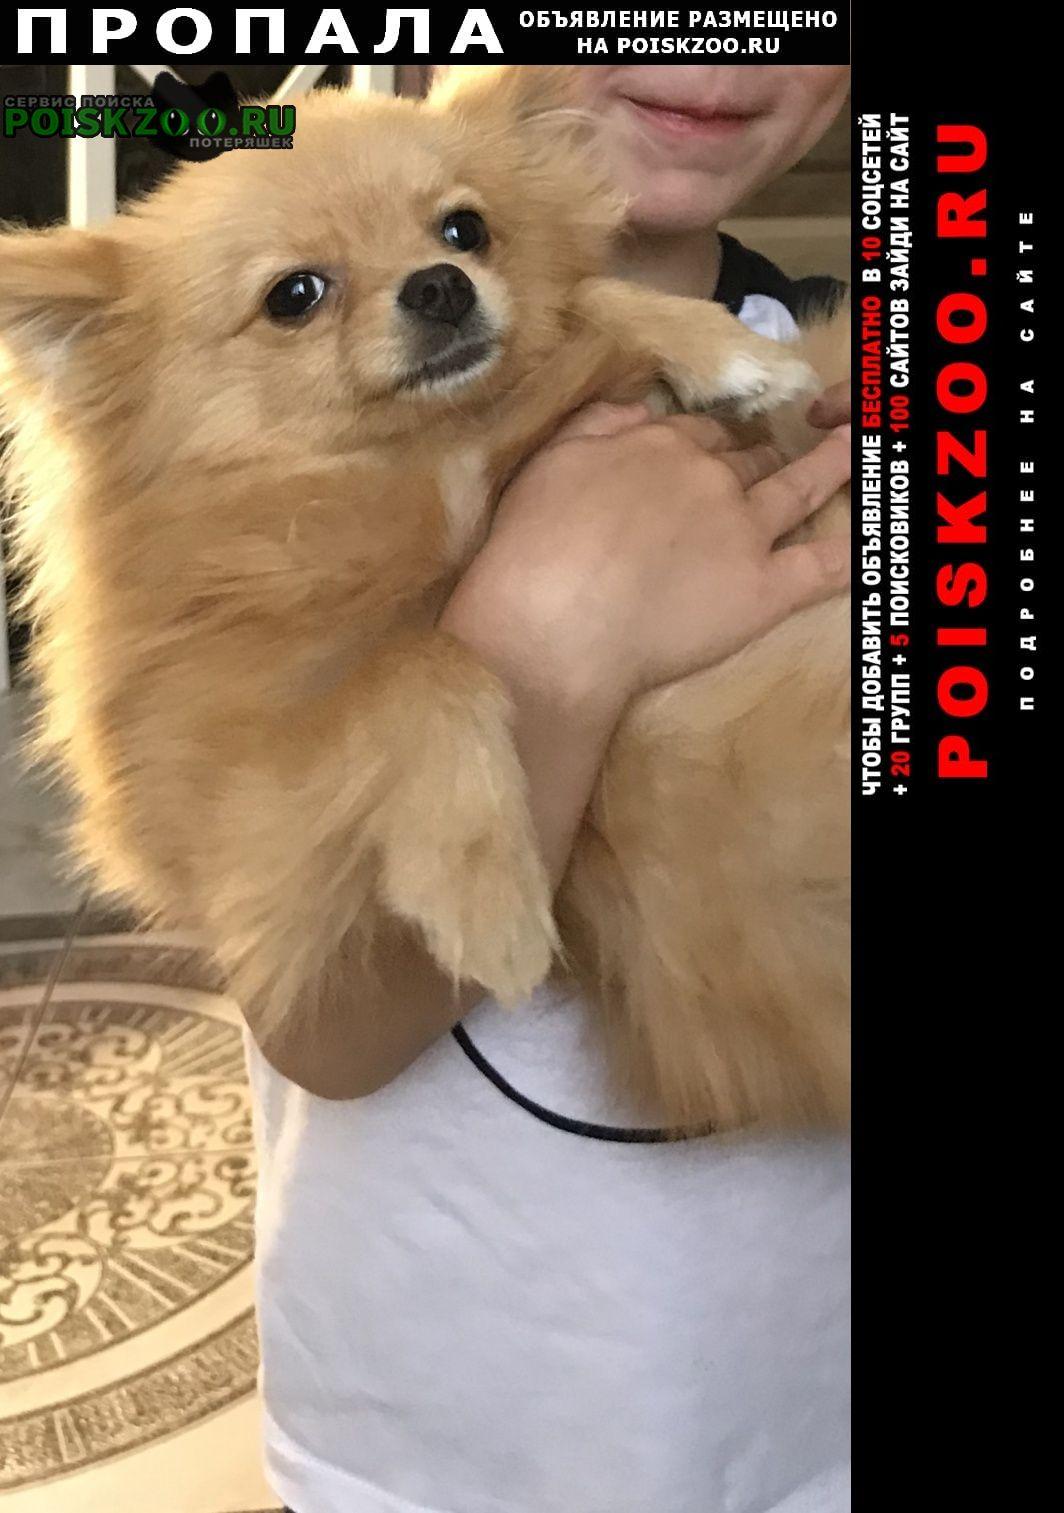 Высоковск Пропала собака шпиц рыже- бежевого окраса мальчик 2, 5 г